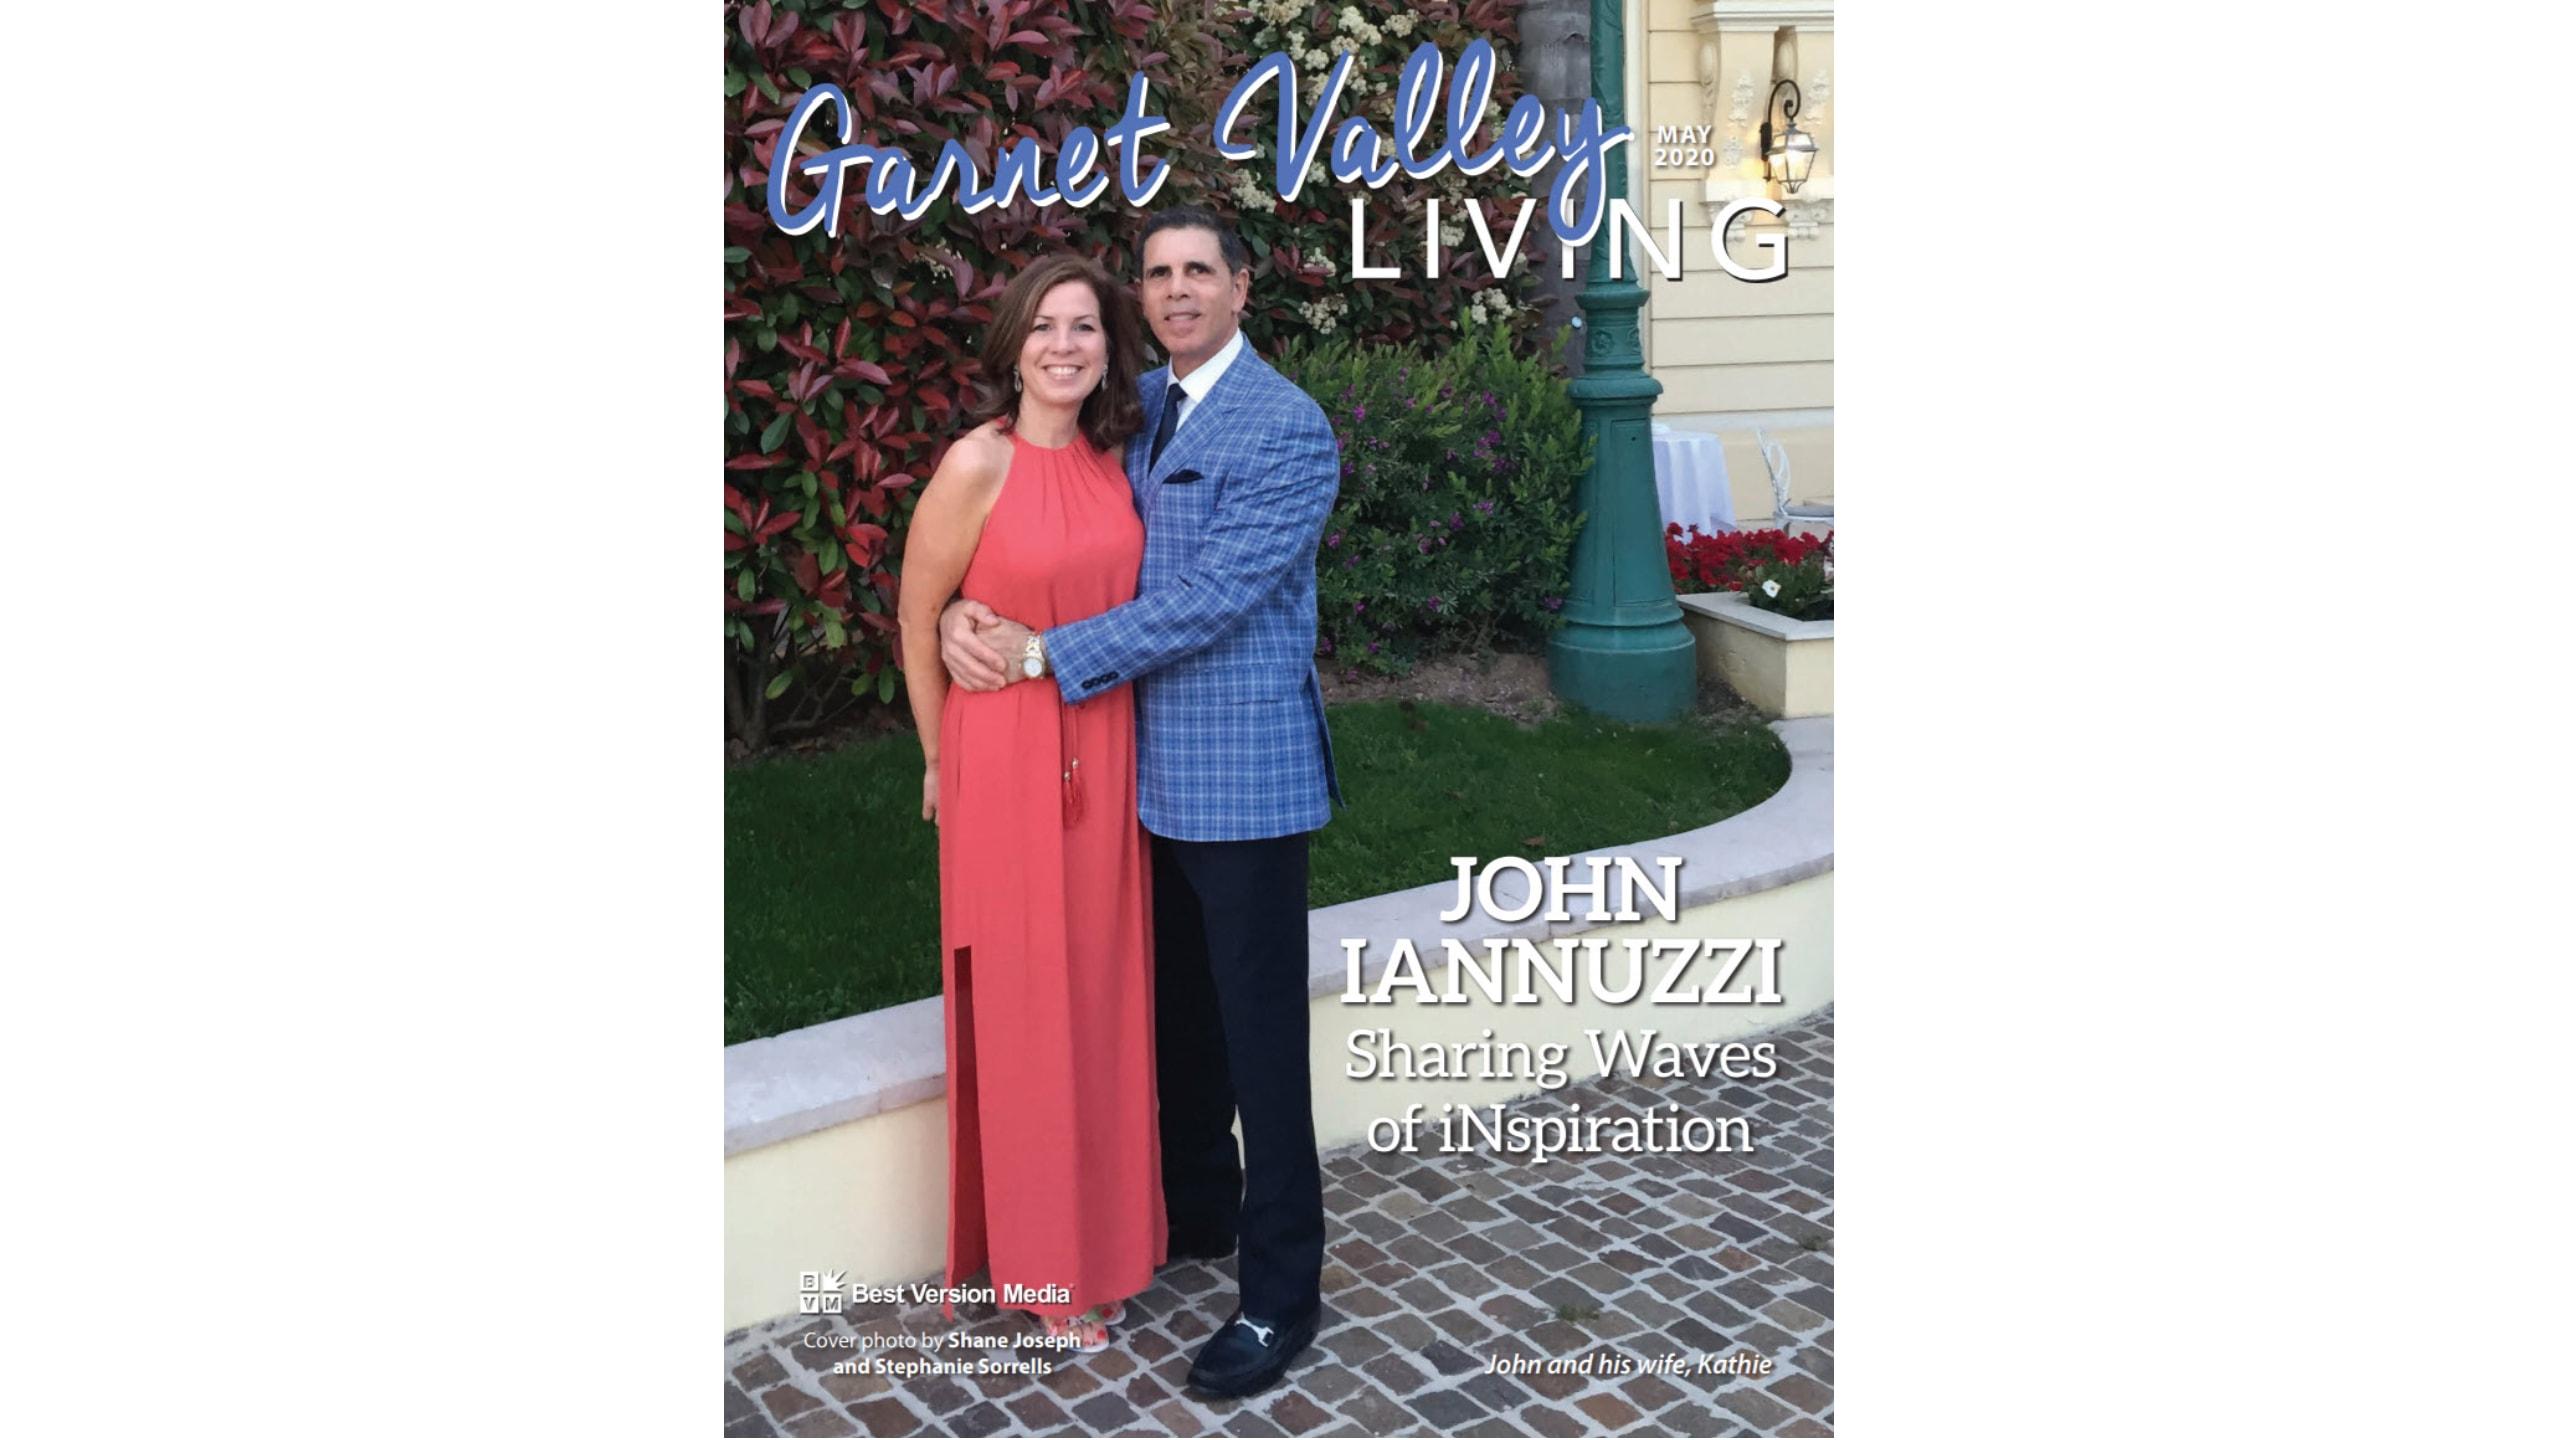 John and Kathie Iannuzzi - Garnet Valley Living 1